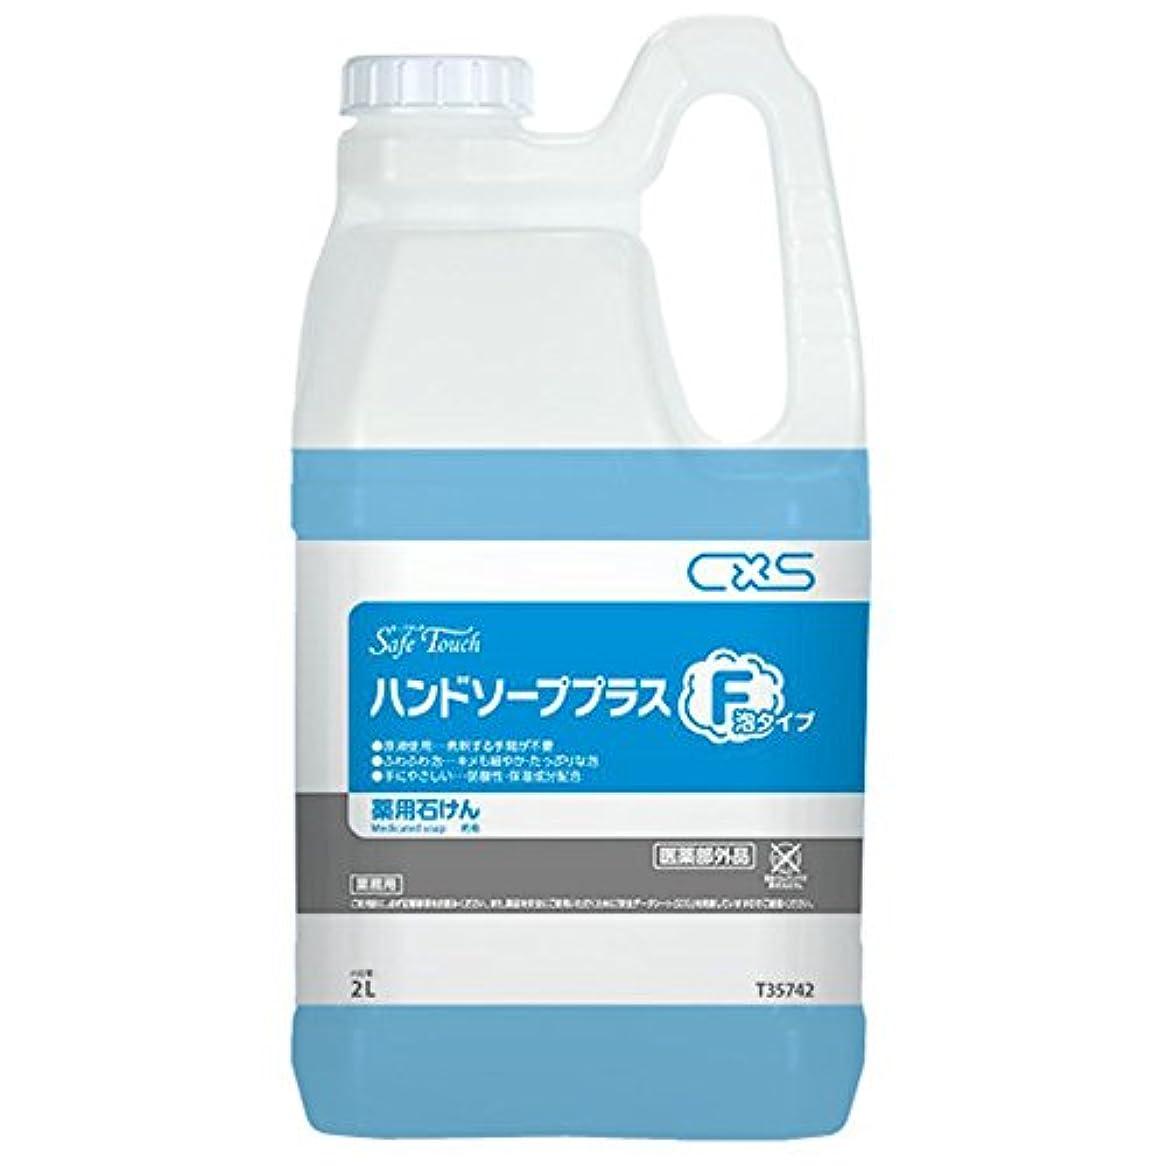 ばかげたハンディキャップコンパスシーバイエス(C×S) 殺菌?消毒用手洗い石けん セーフタッチハンドソーププラスF 2L